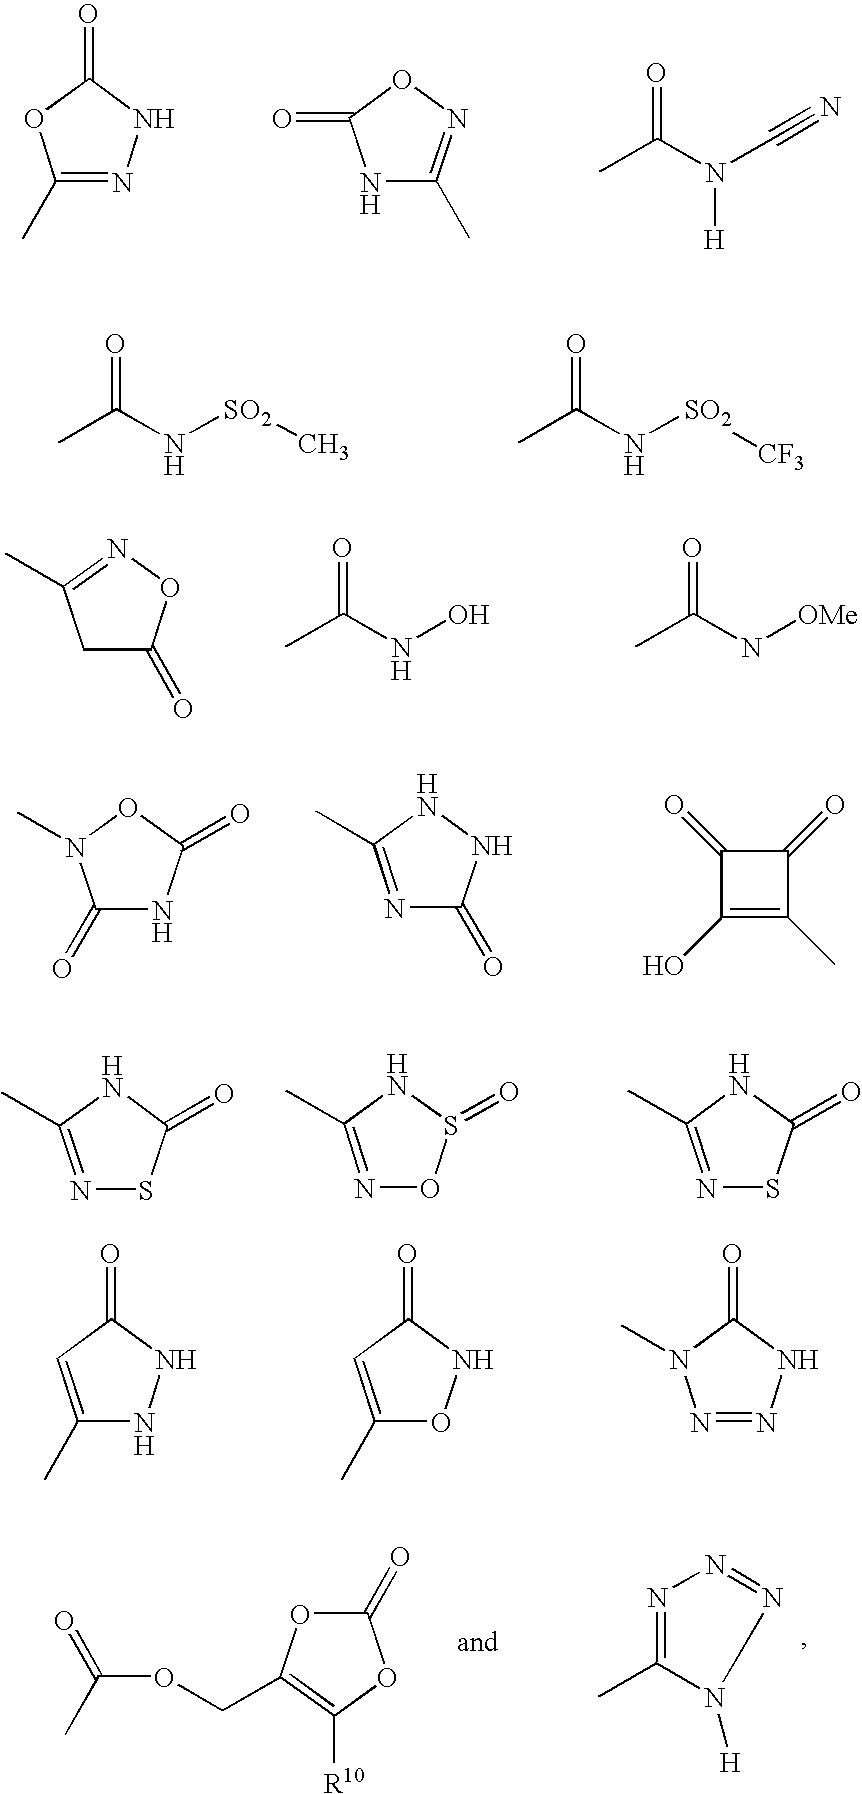 Figure US20050009827A1-20050113-C00045